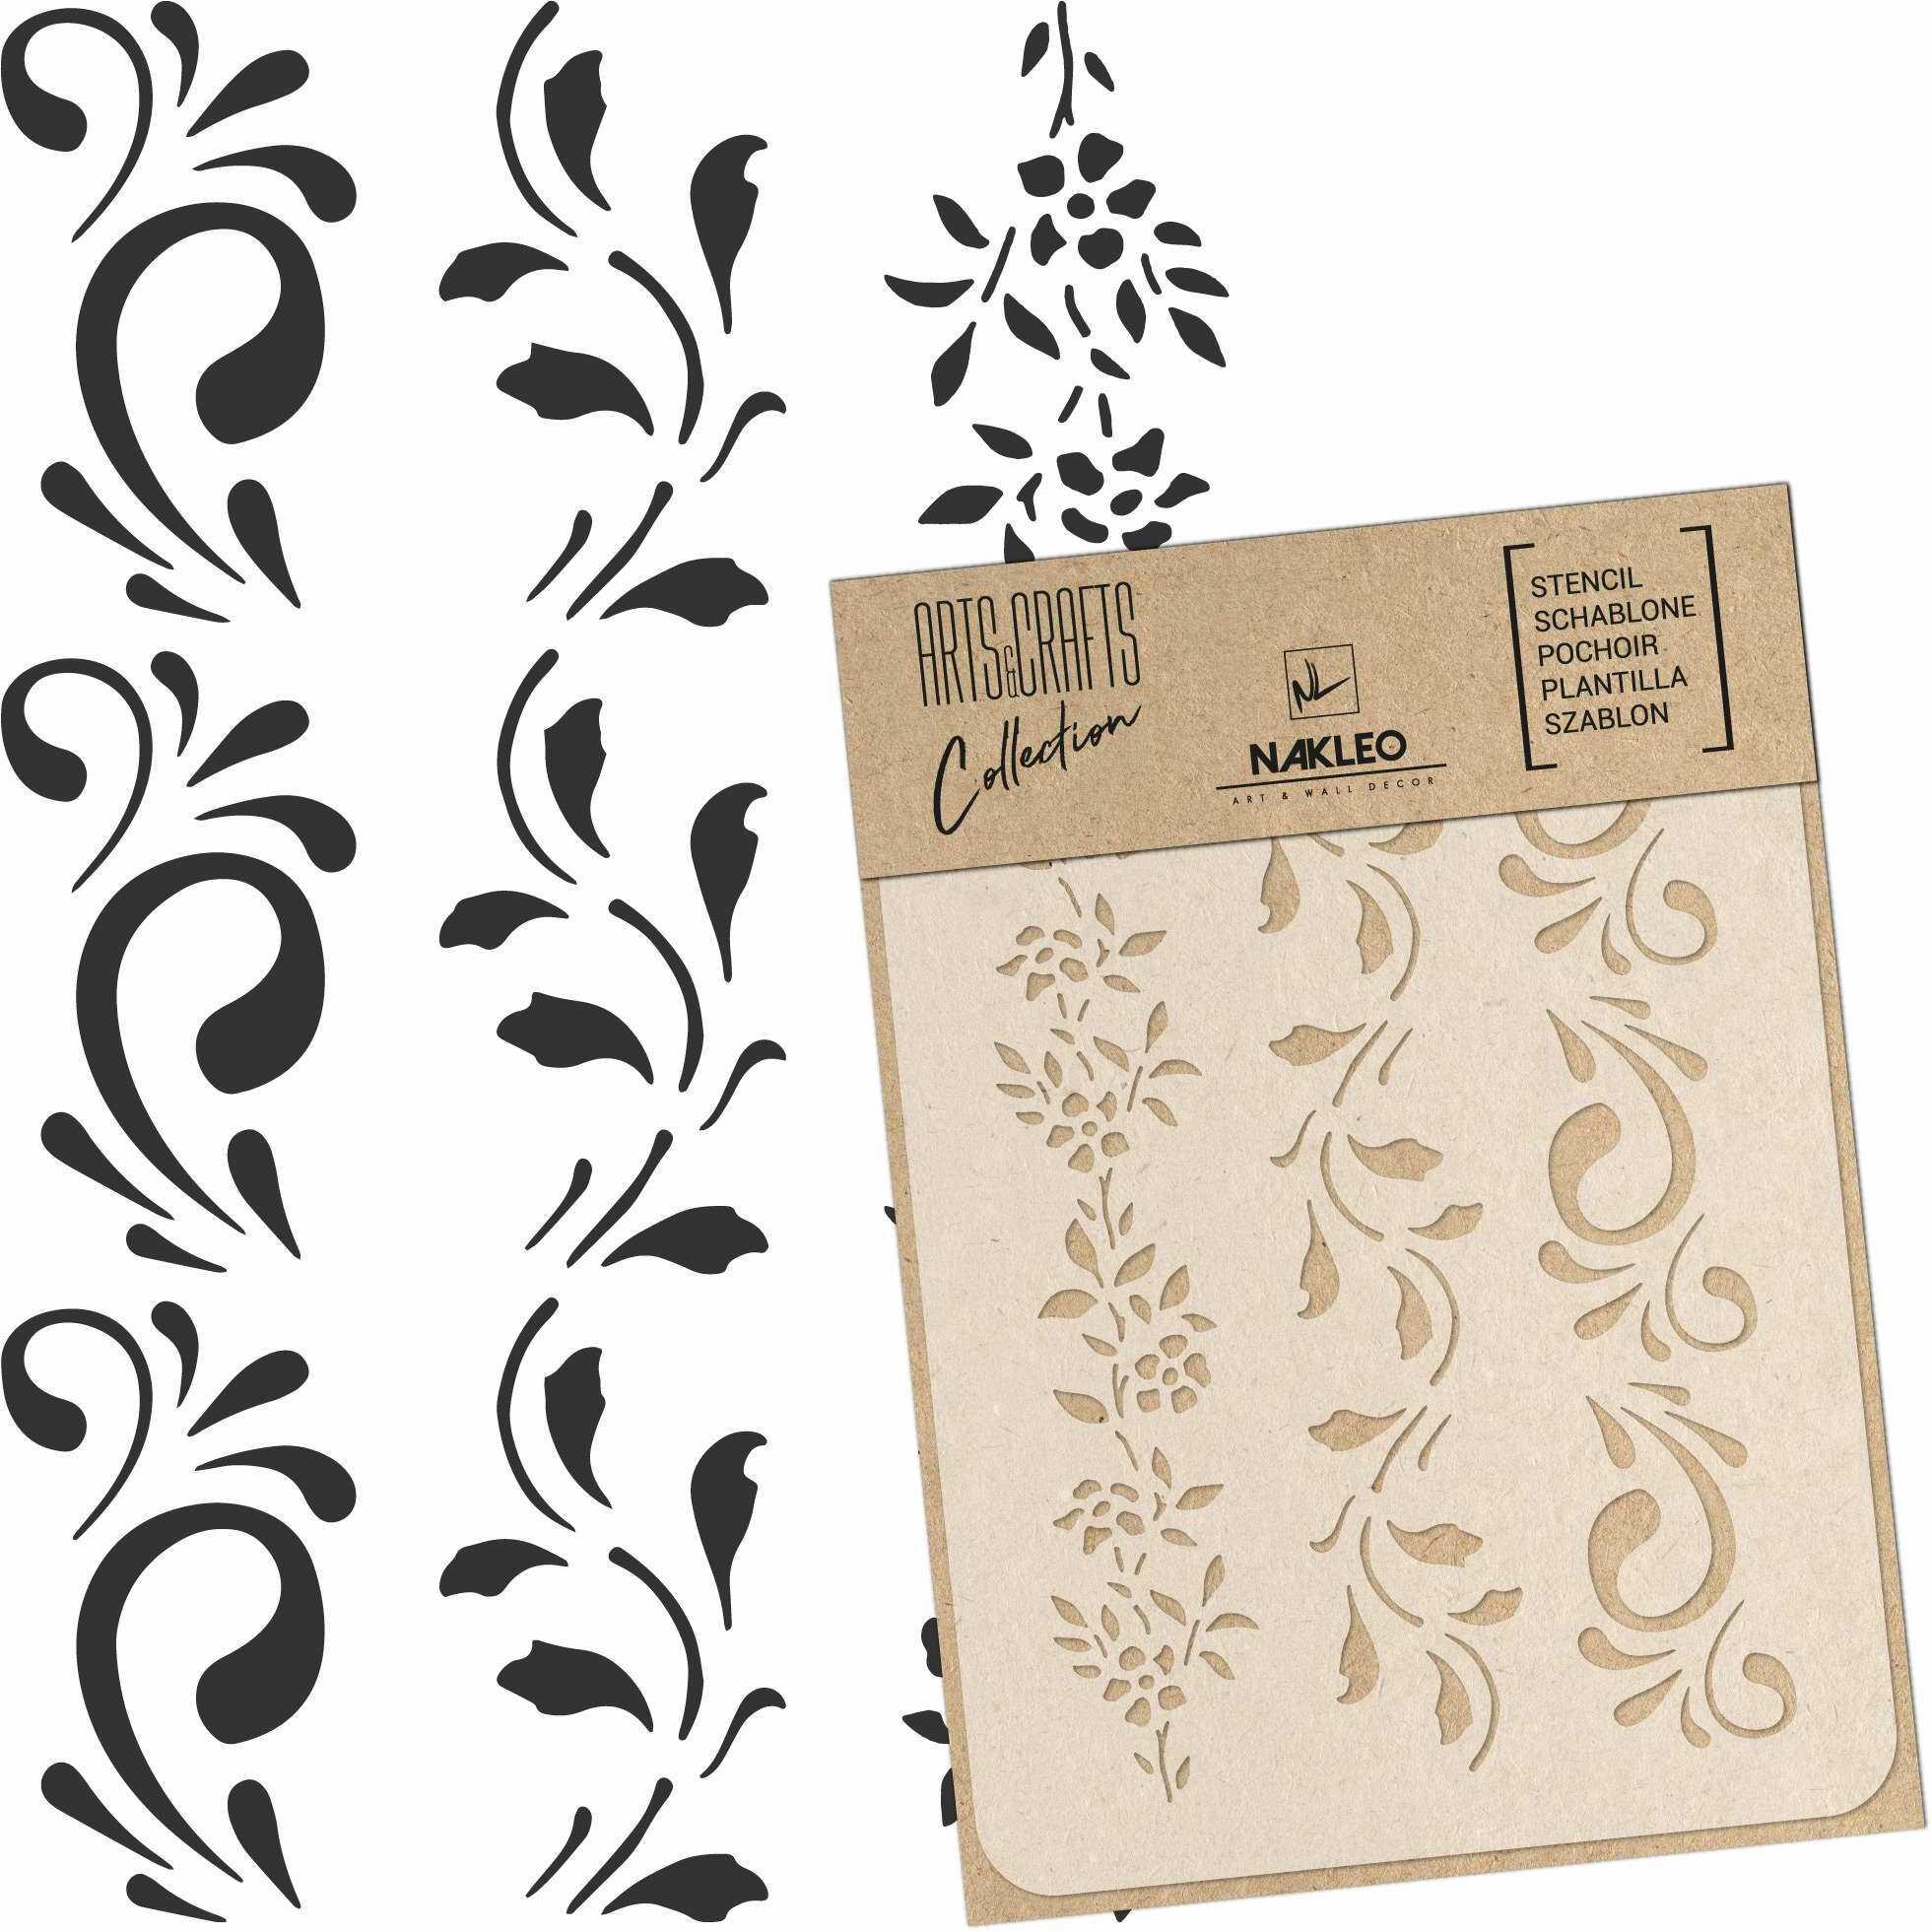 szablon malarski wielokrotny // BORDIURA KWIATOWA (BORDER FLOWERS) - A5 (15x21cm)